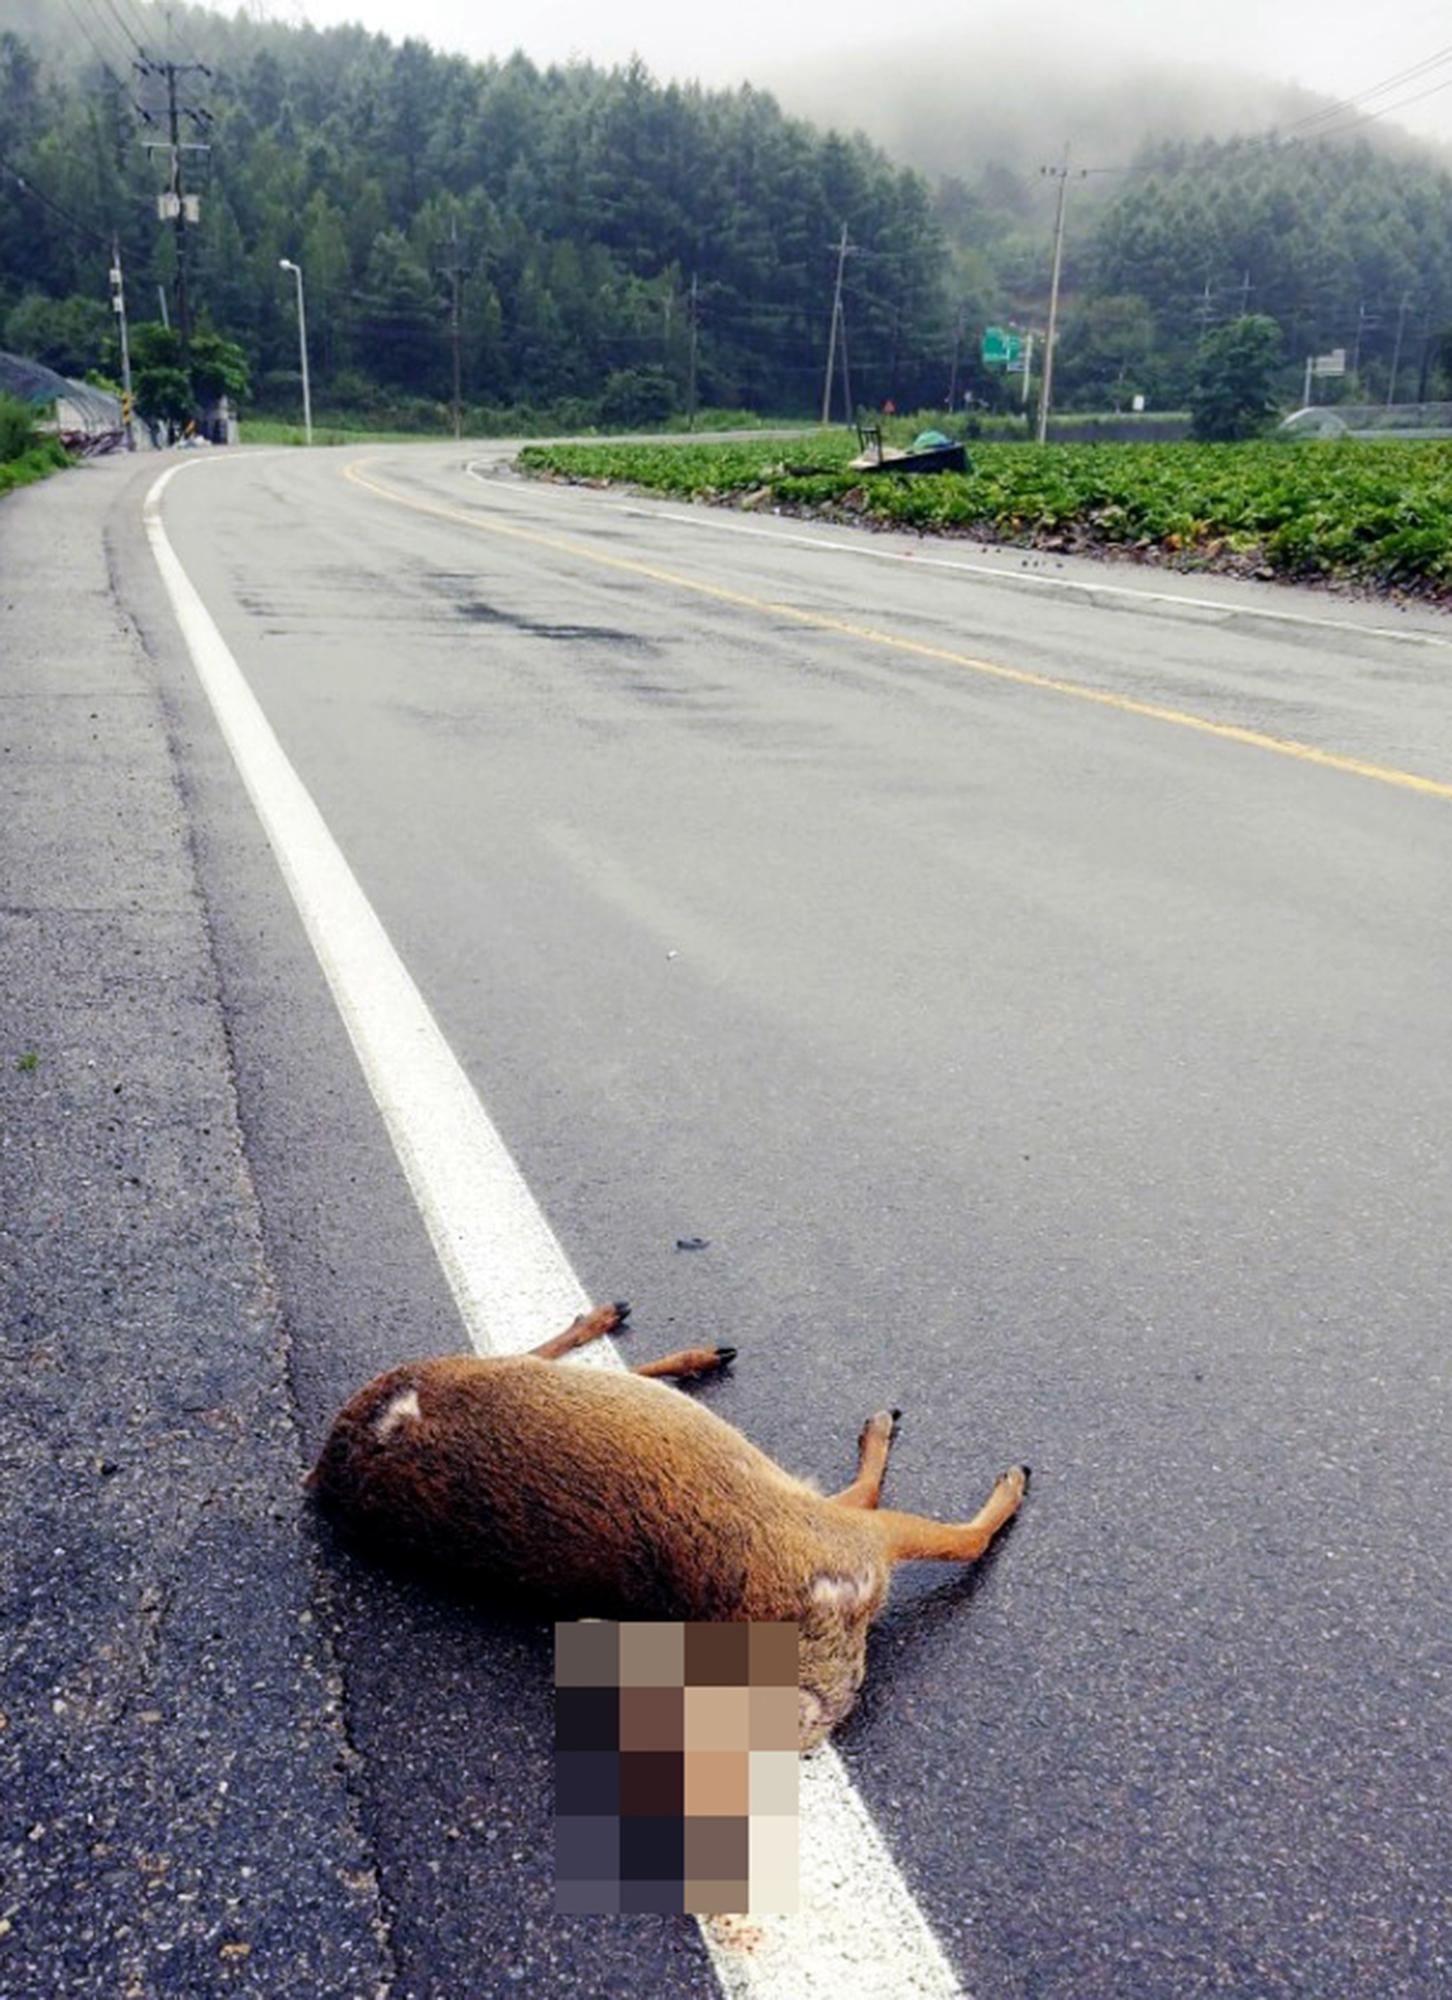 지난 7월 29일 강원 태백시 창죽동 국도 35호선 도로에서 고라니 한 마리가 로드킬 당한 채 발견됐다.[연합뉴스]